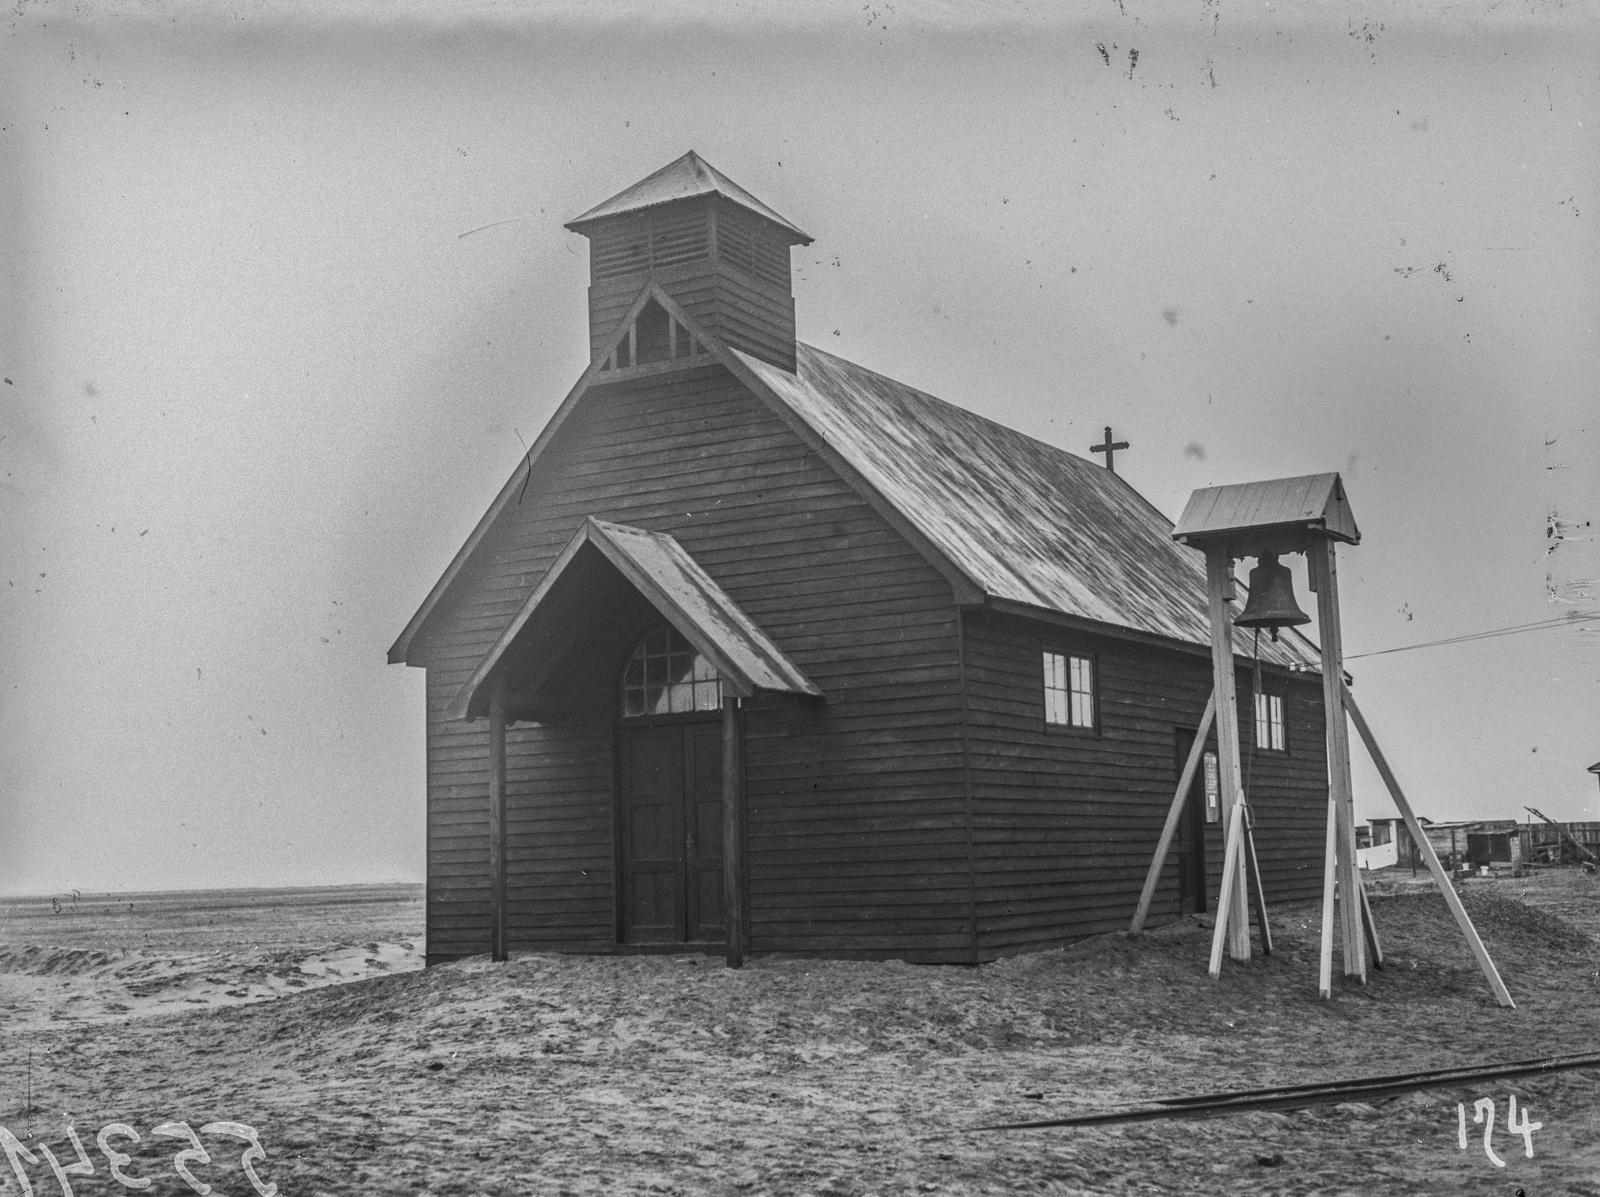 Южно-Африканский Союз. Уолфиш-Бей. Вид деревянной церкви